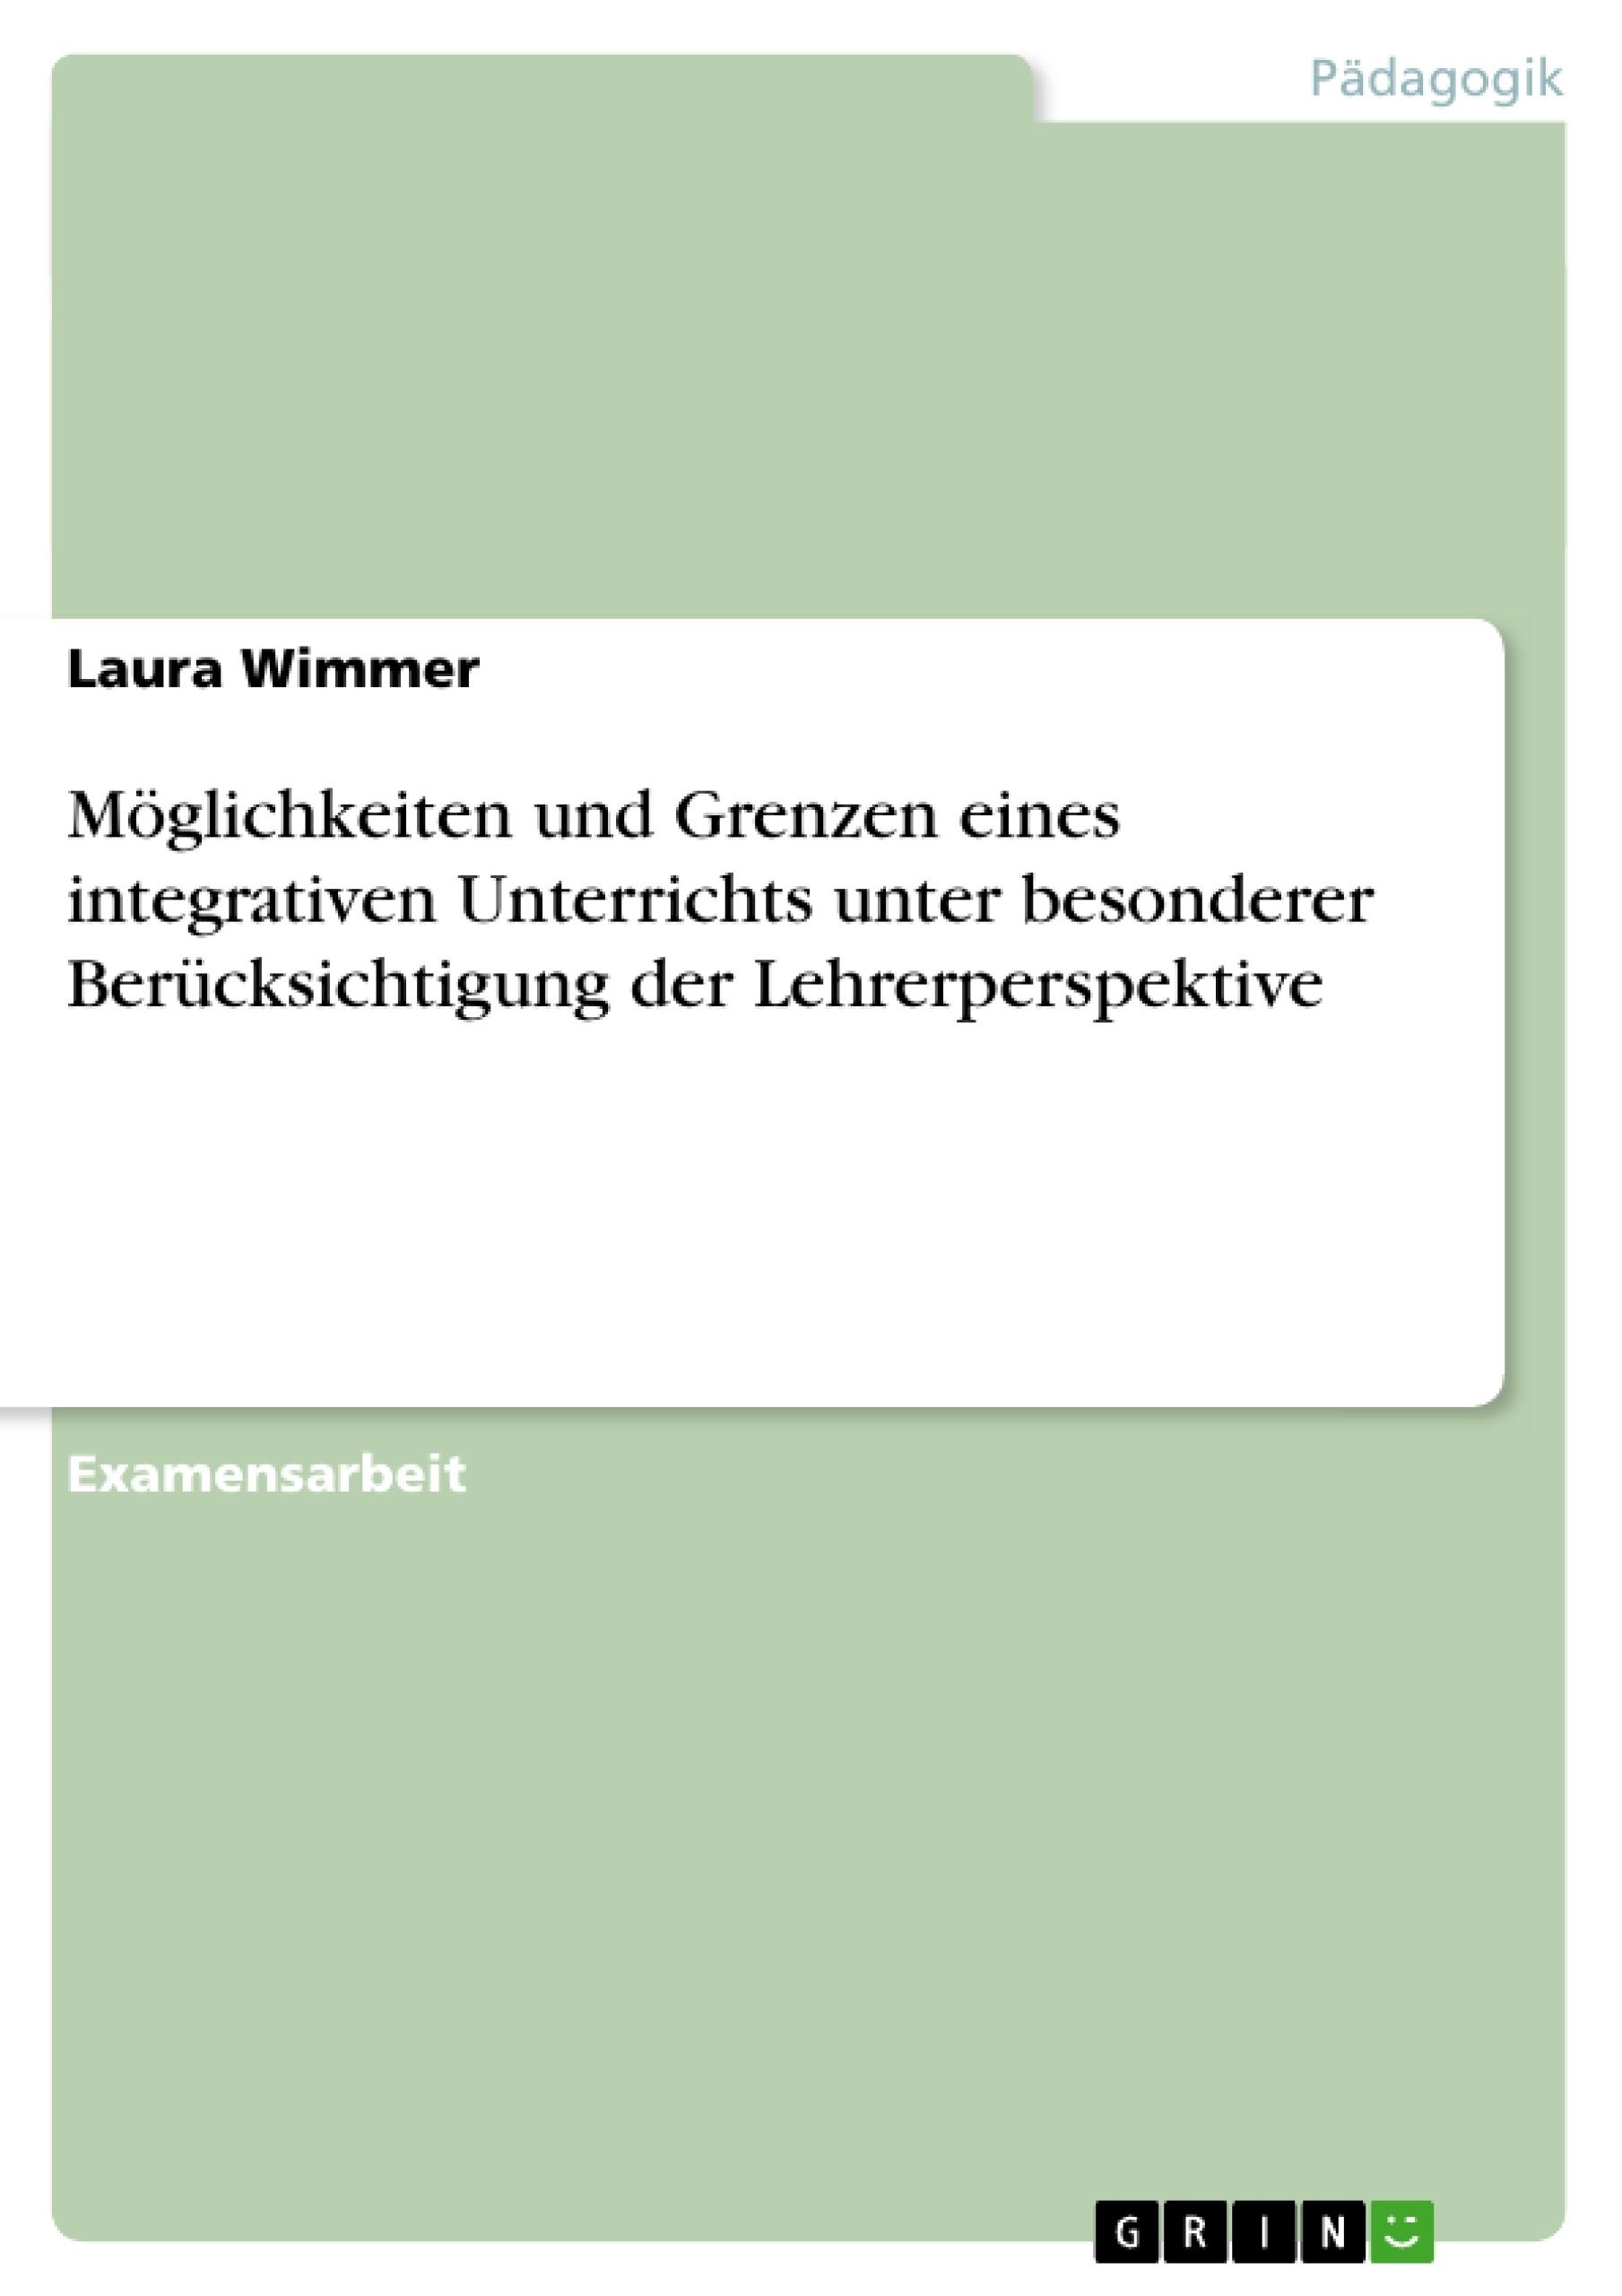 Titel: Möglichkeiten und Grenzen eines integrativen Unterrichts unter besonderer Berücksichtigung der Lehrerperspektive